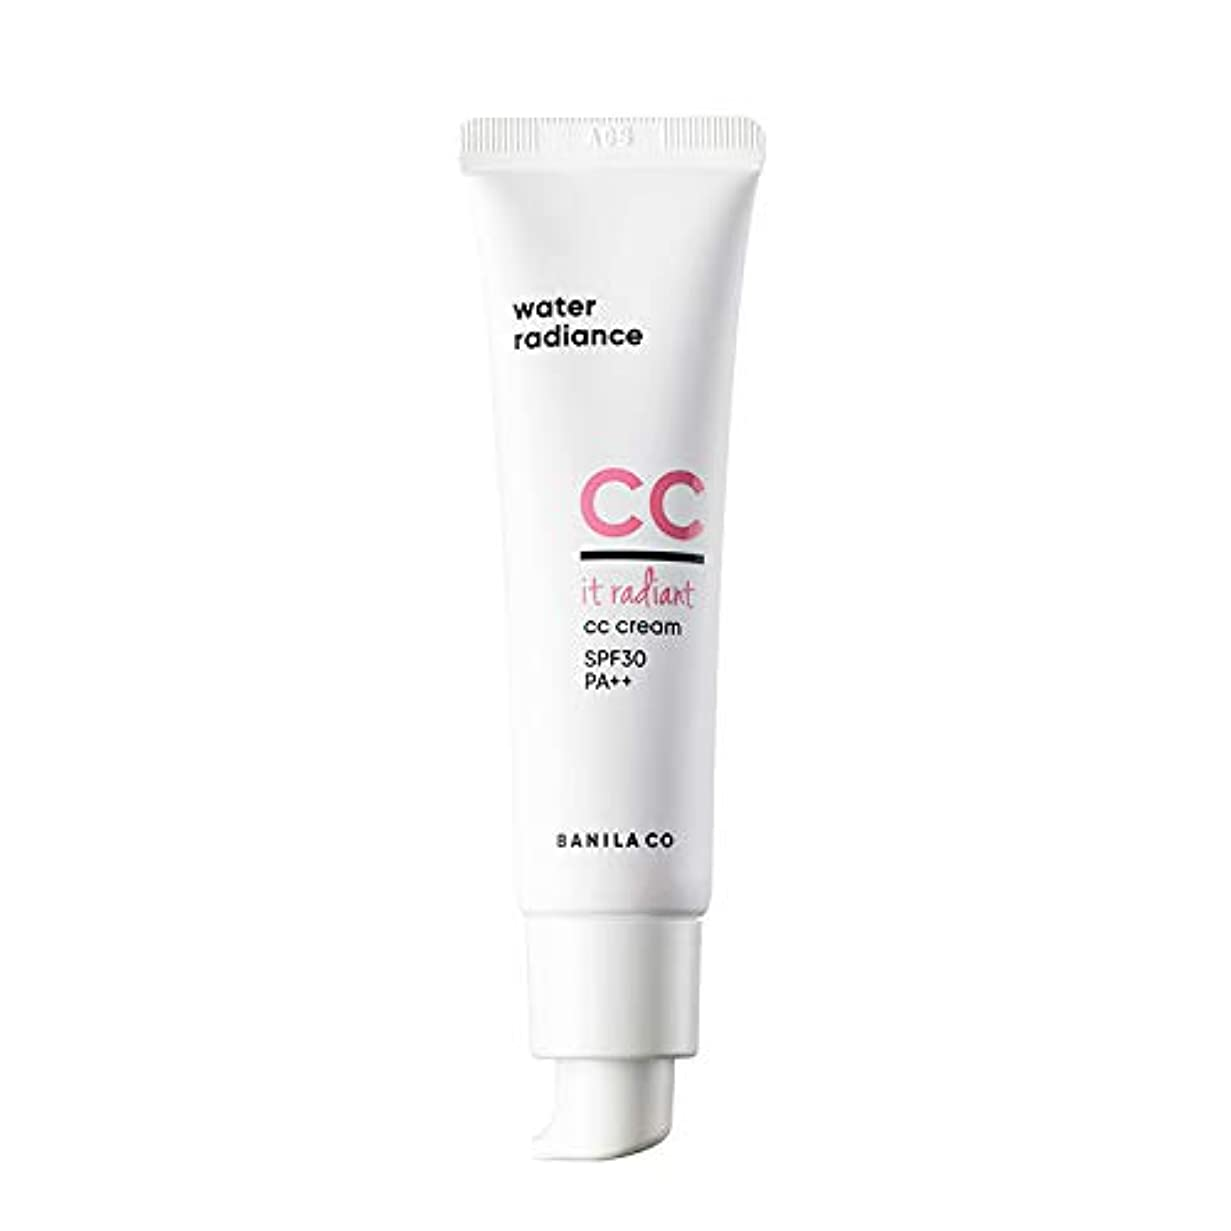 資産謙虚な一人でBANILA CO(バニラコ) イットレディアント ccクリーム It Radiant CC Cream